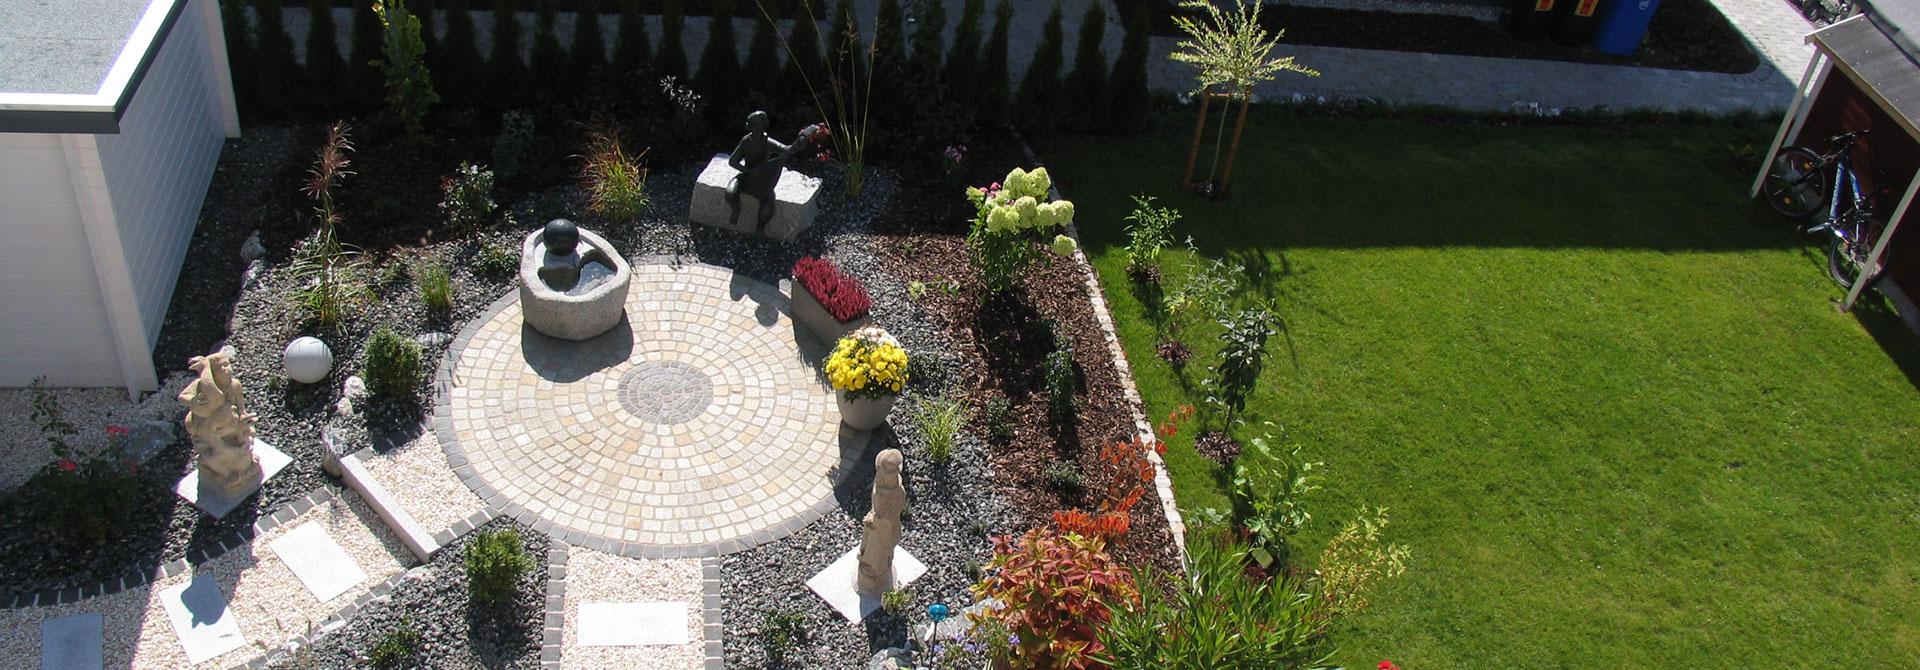 Garten- und Landschaftsbau Hartmann